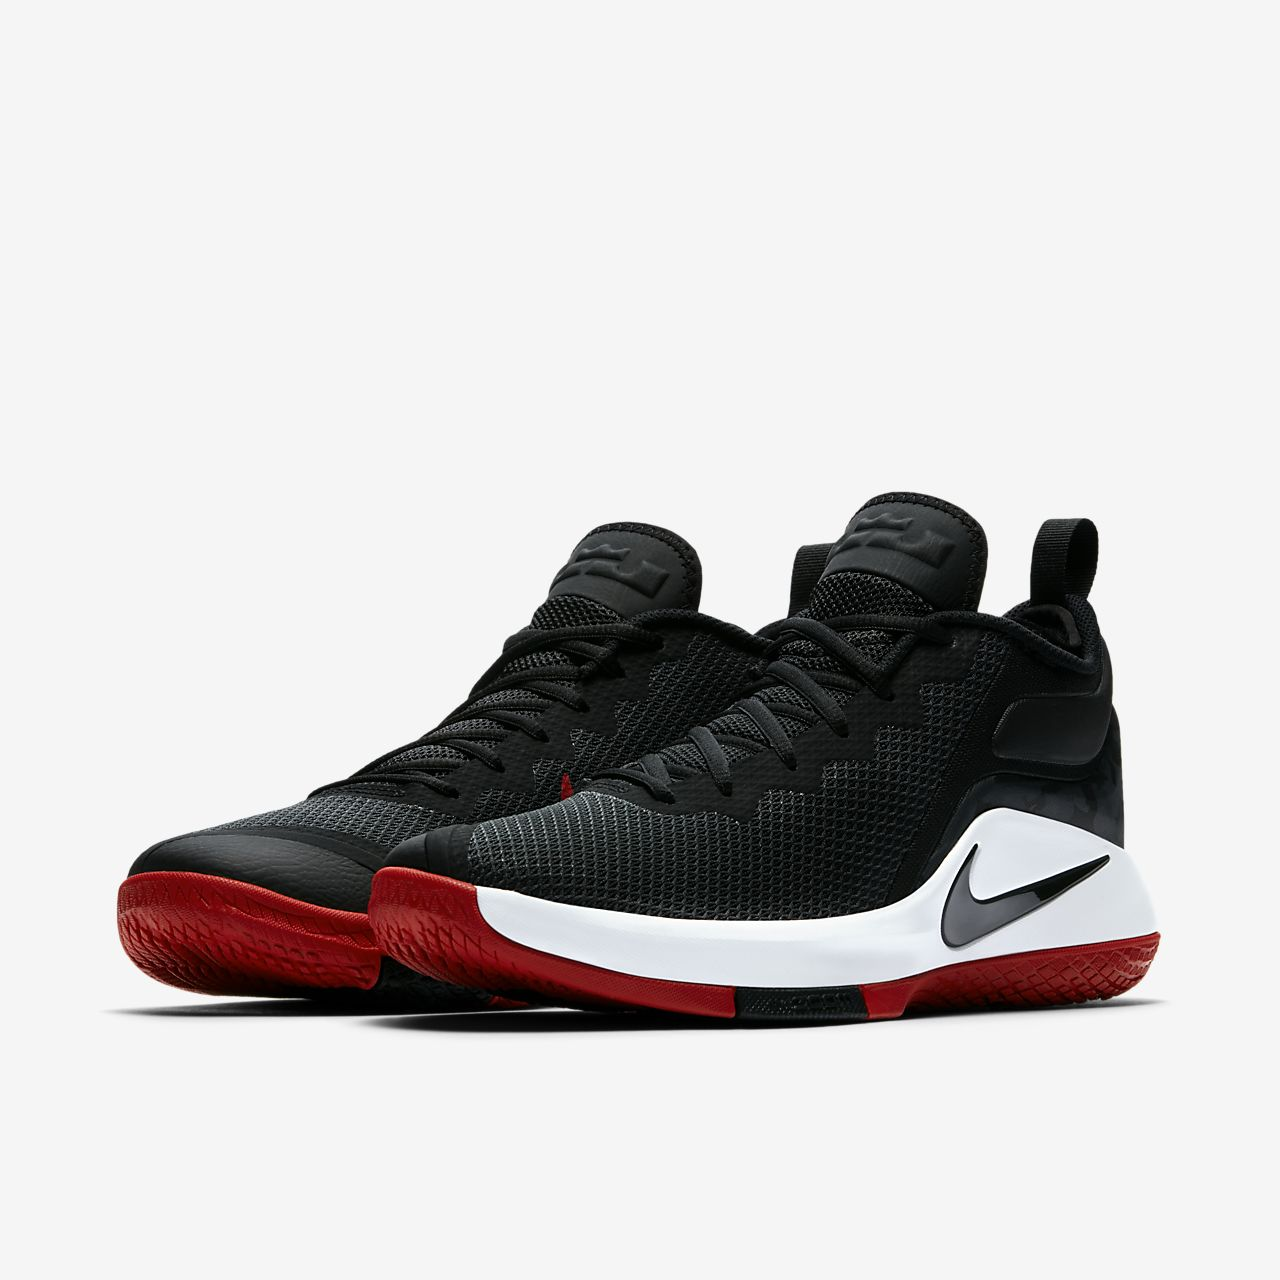 sports shoes 13bc4 48e9e ... coupon chaussure de basketball nike zoom lebron witness 2 noir et rouge pour  homme pointure 45